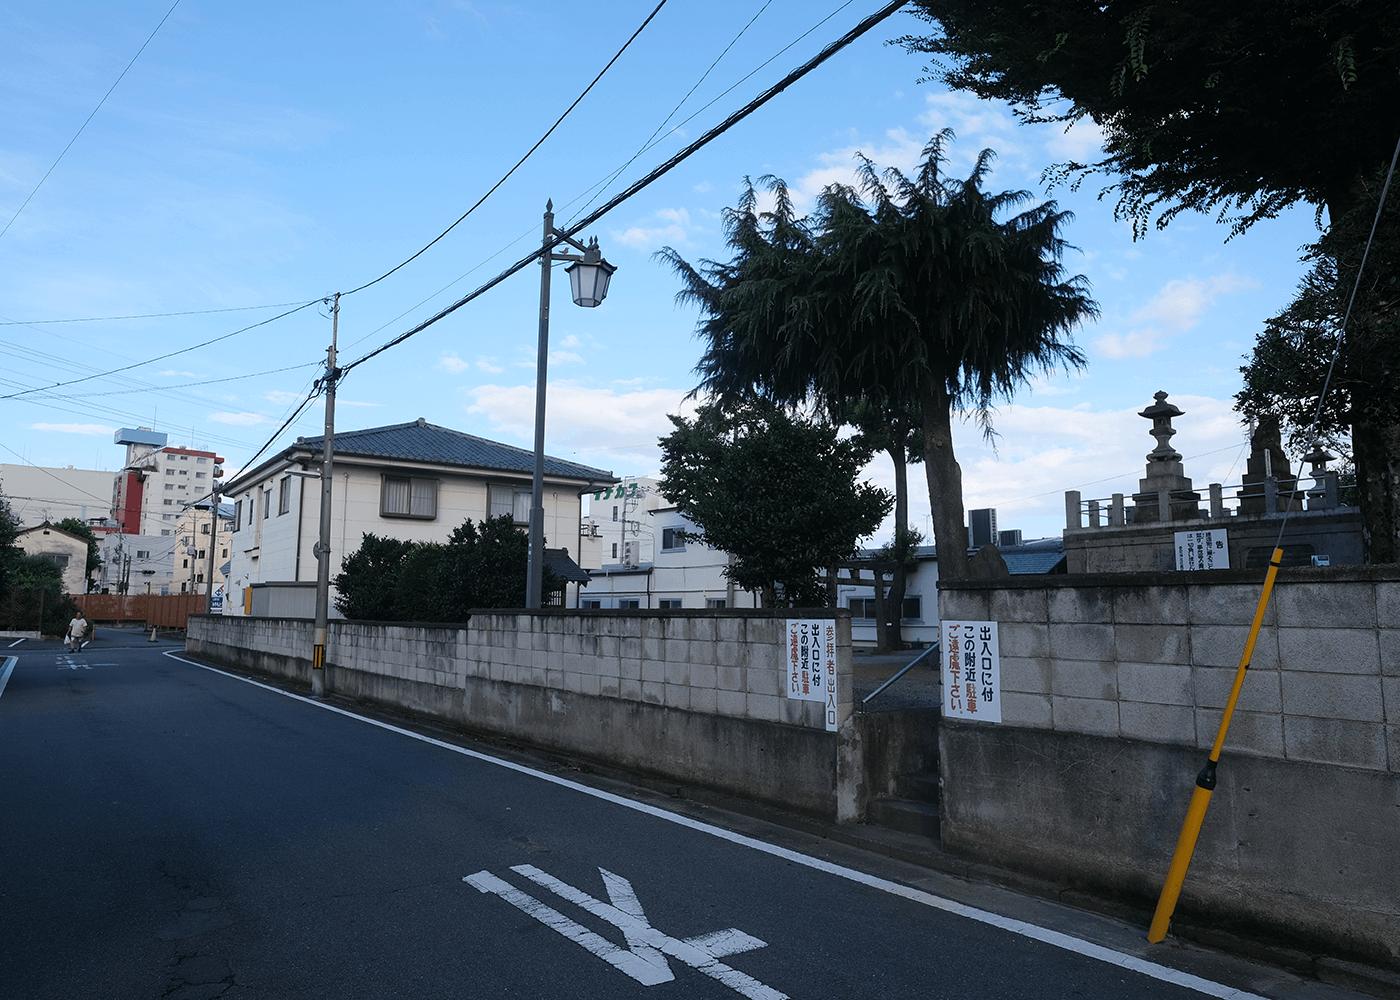 マイクロブルワリー を訪ねて(4)高崎駅付近